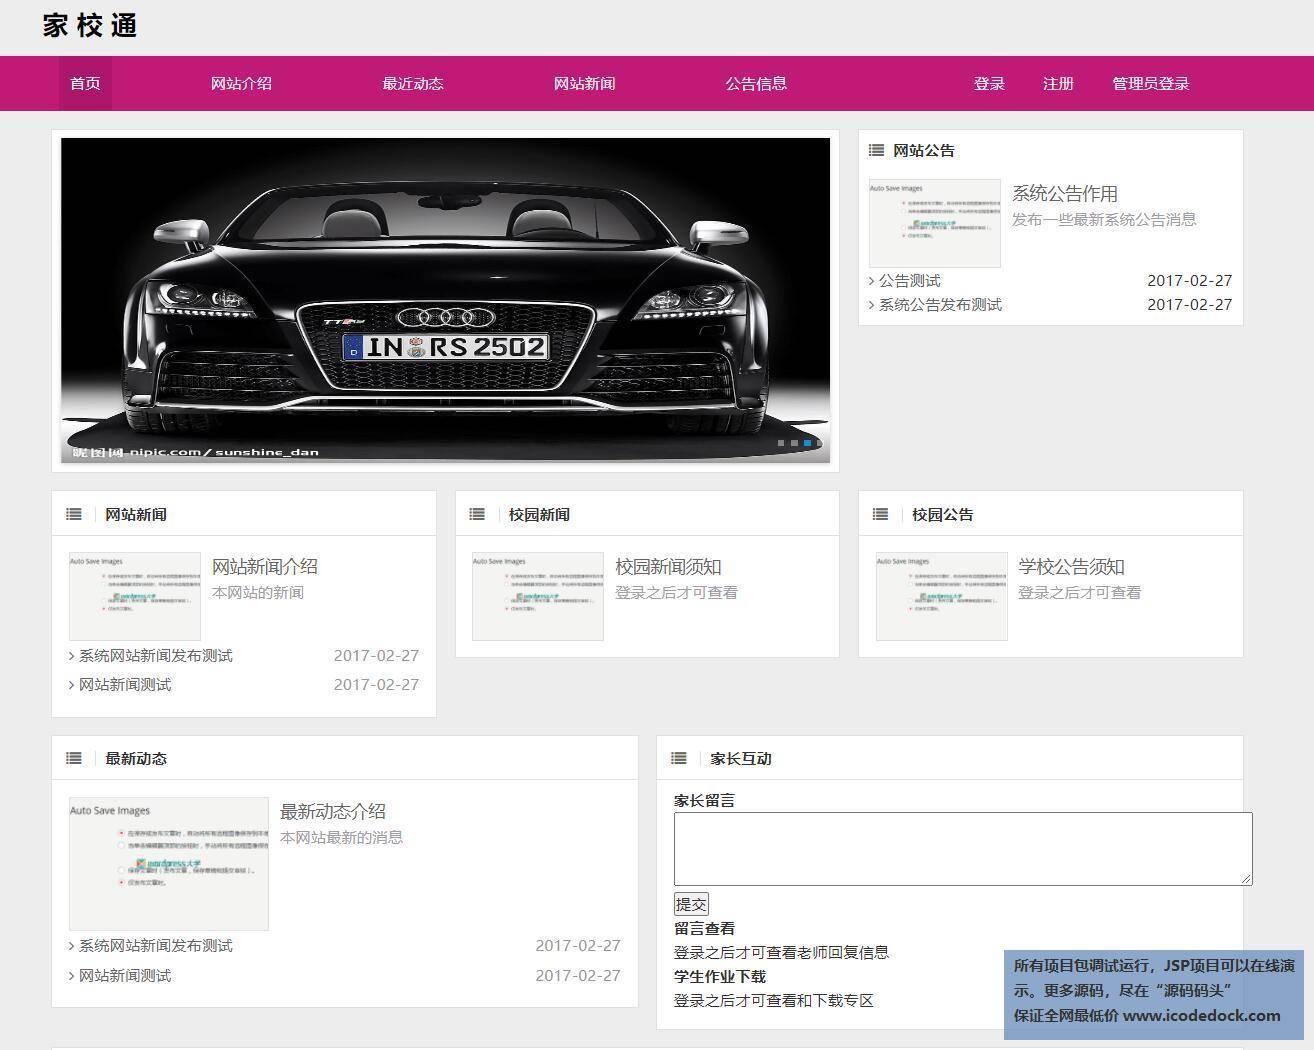 源码码头-SSM在线家校通管理系统-用户角色-用户首页